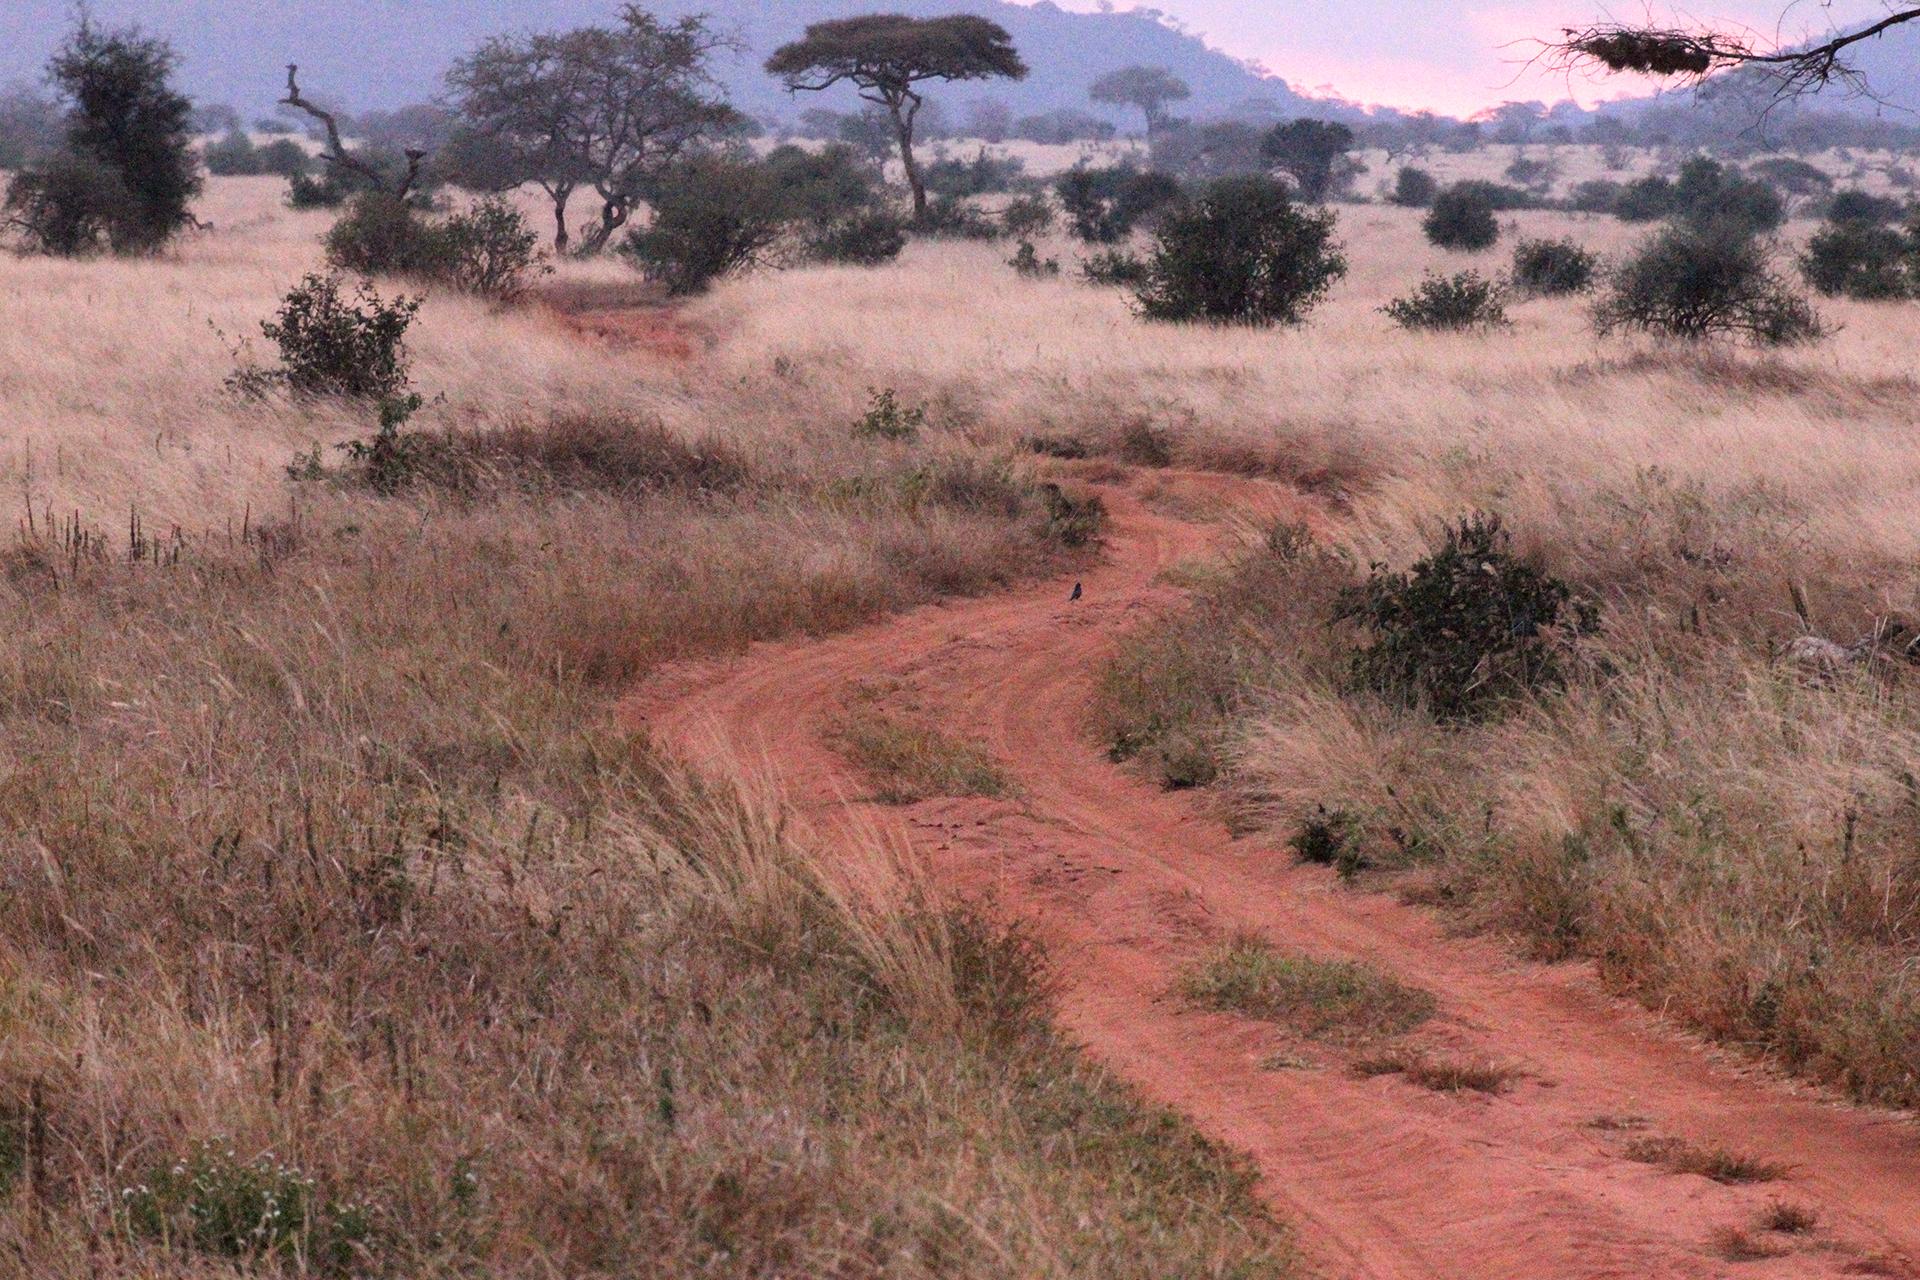 strada in trra rossa africana durane il tramono